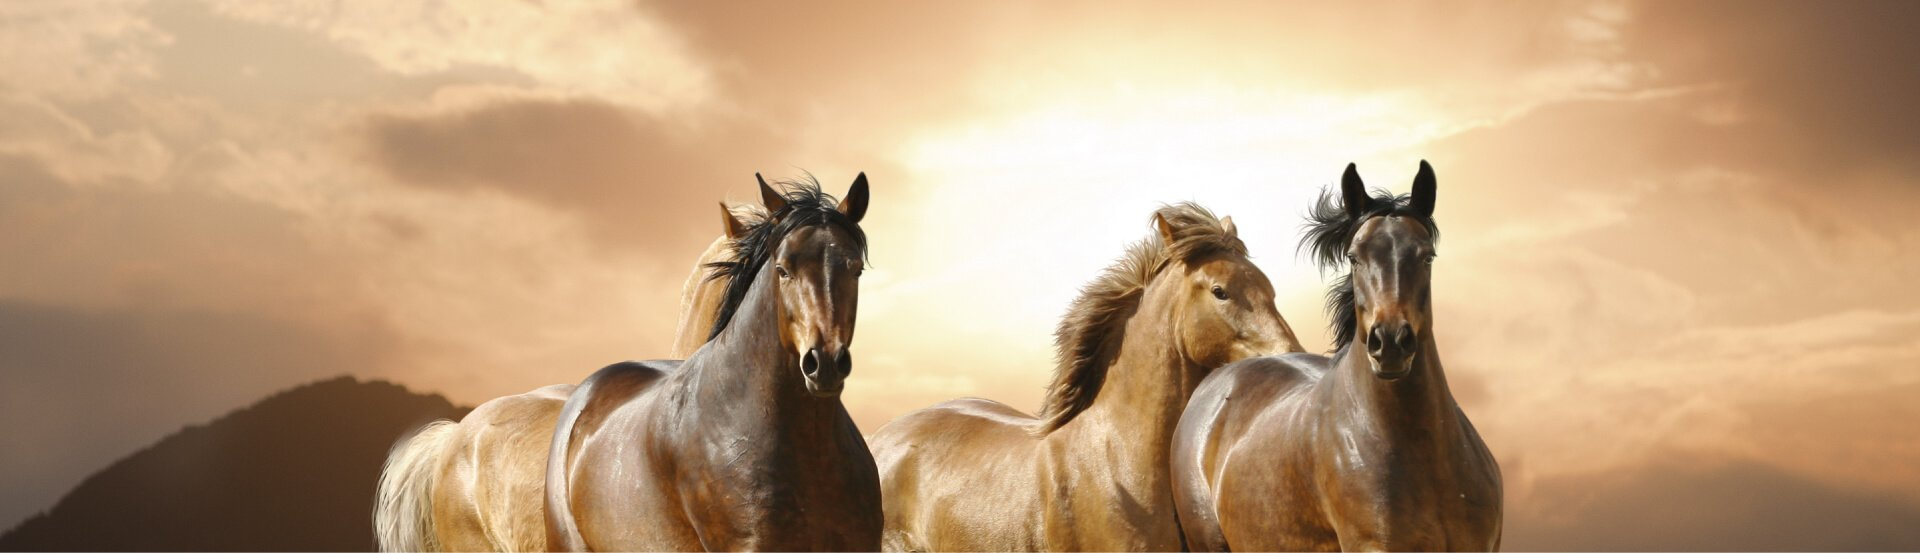 Verminoses em equinos